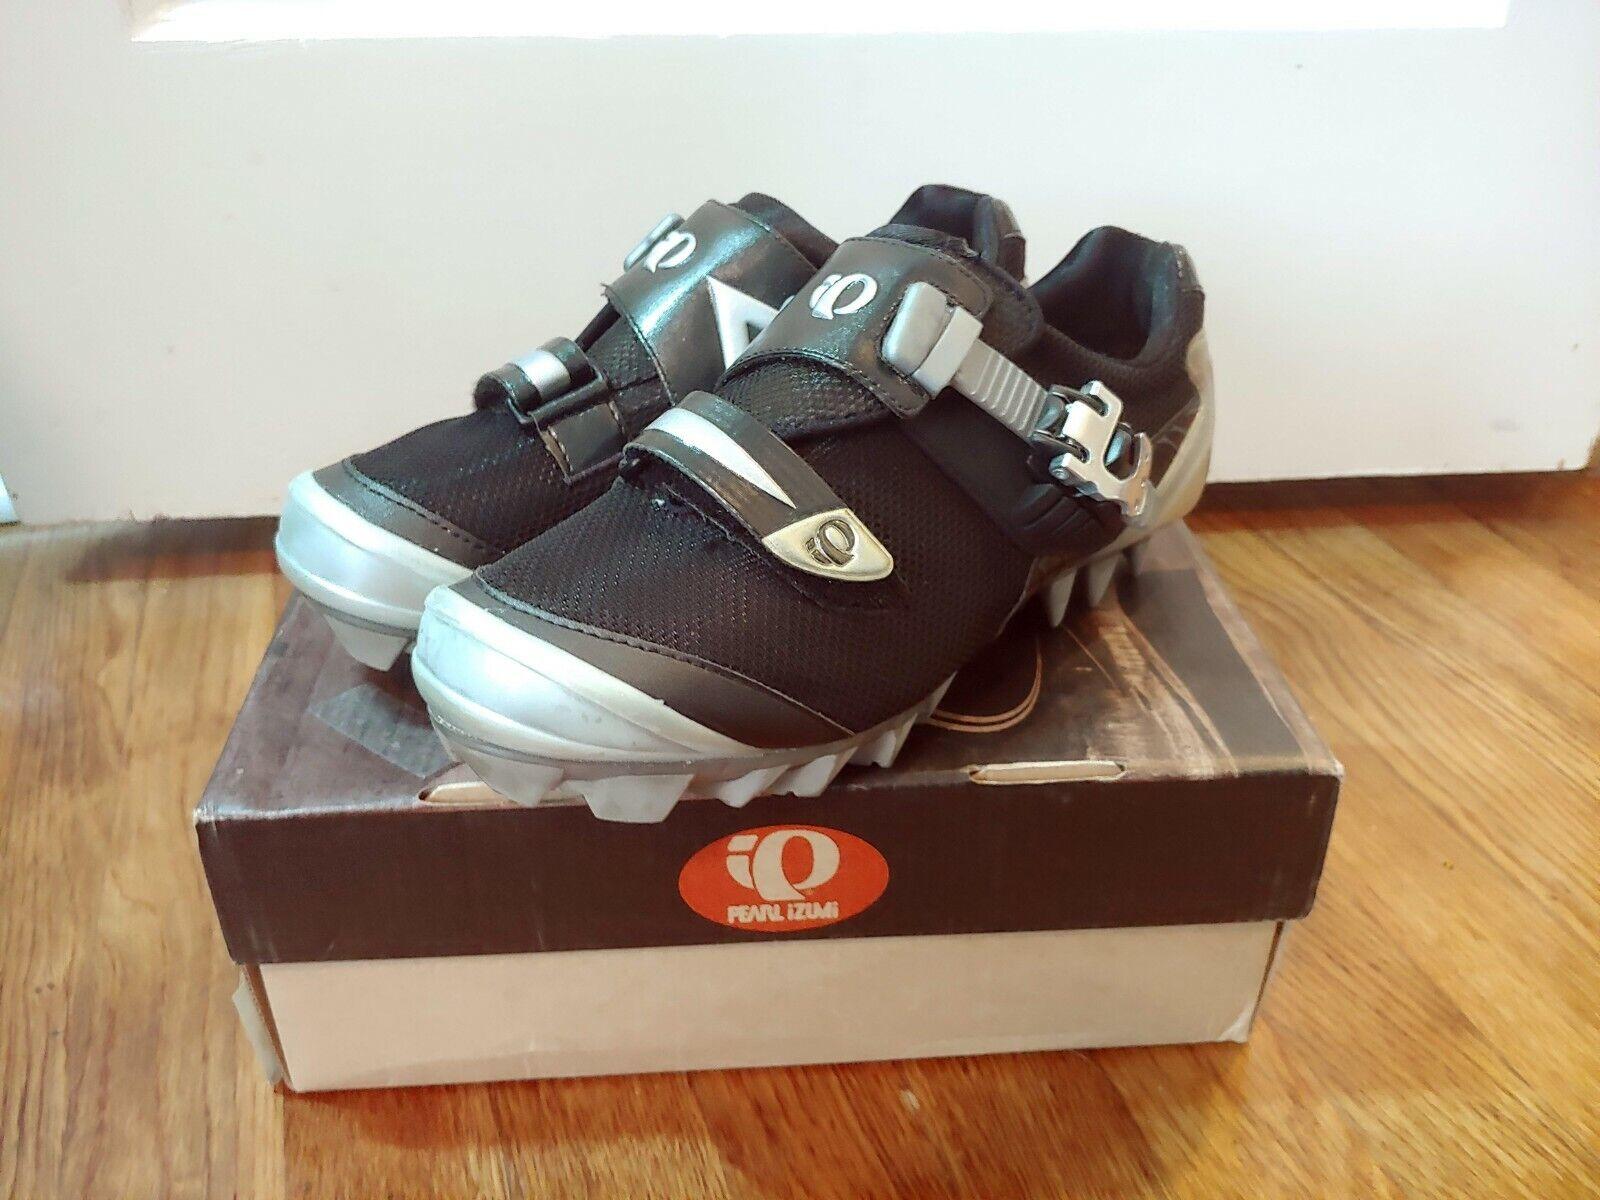 Nuevo En Caja-Pearl Izumi jugo para Mujer Montaña Bicicleta De Montaña Zapatos-euro 38 US 7